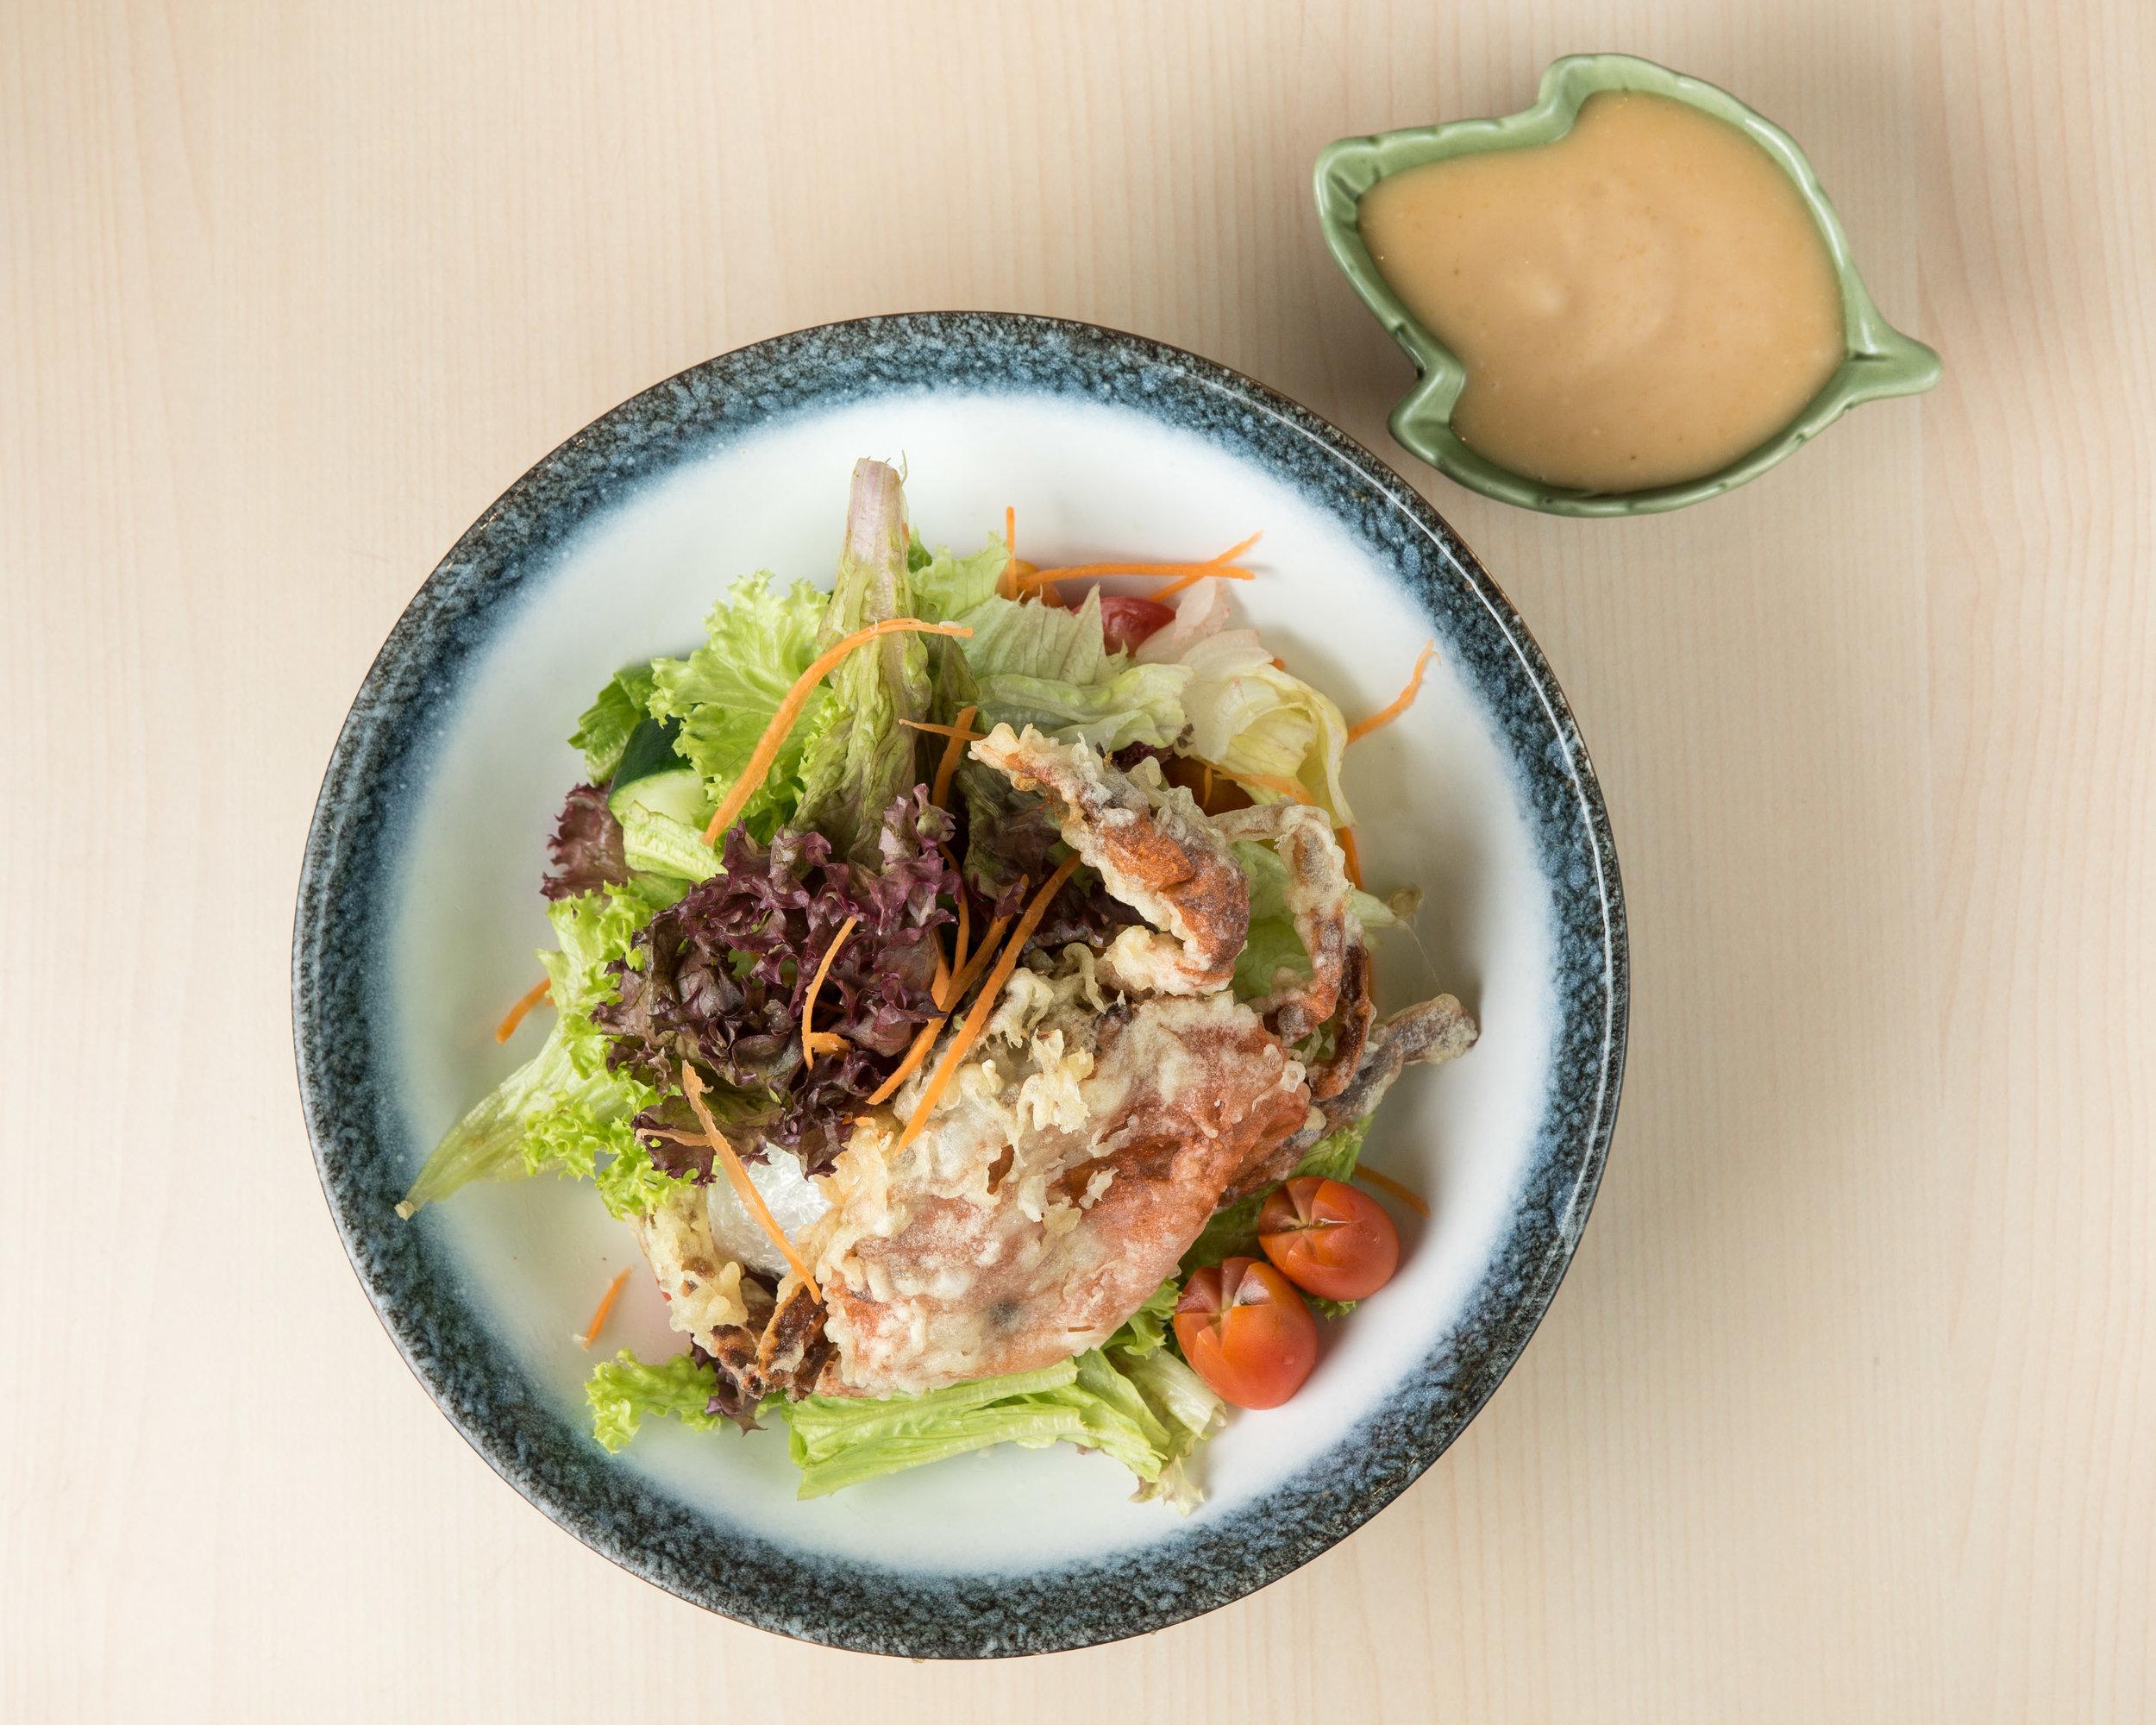 Azuma Sushi Japanese Restaurant_Soft Shell Crab Sarada_2880x2304.jpg